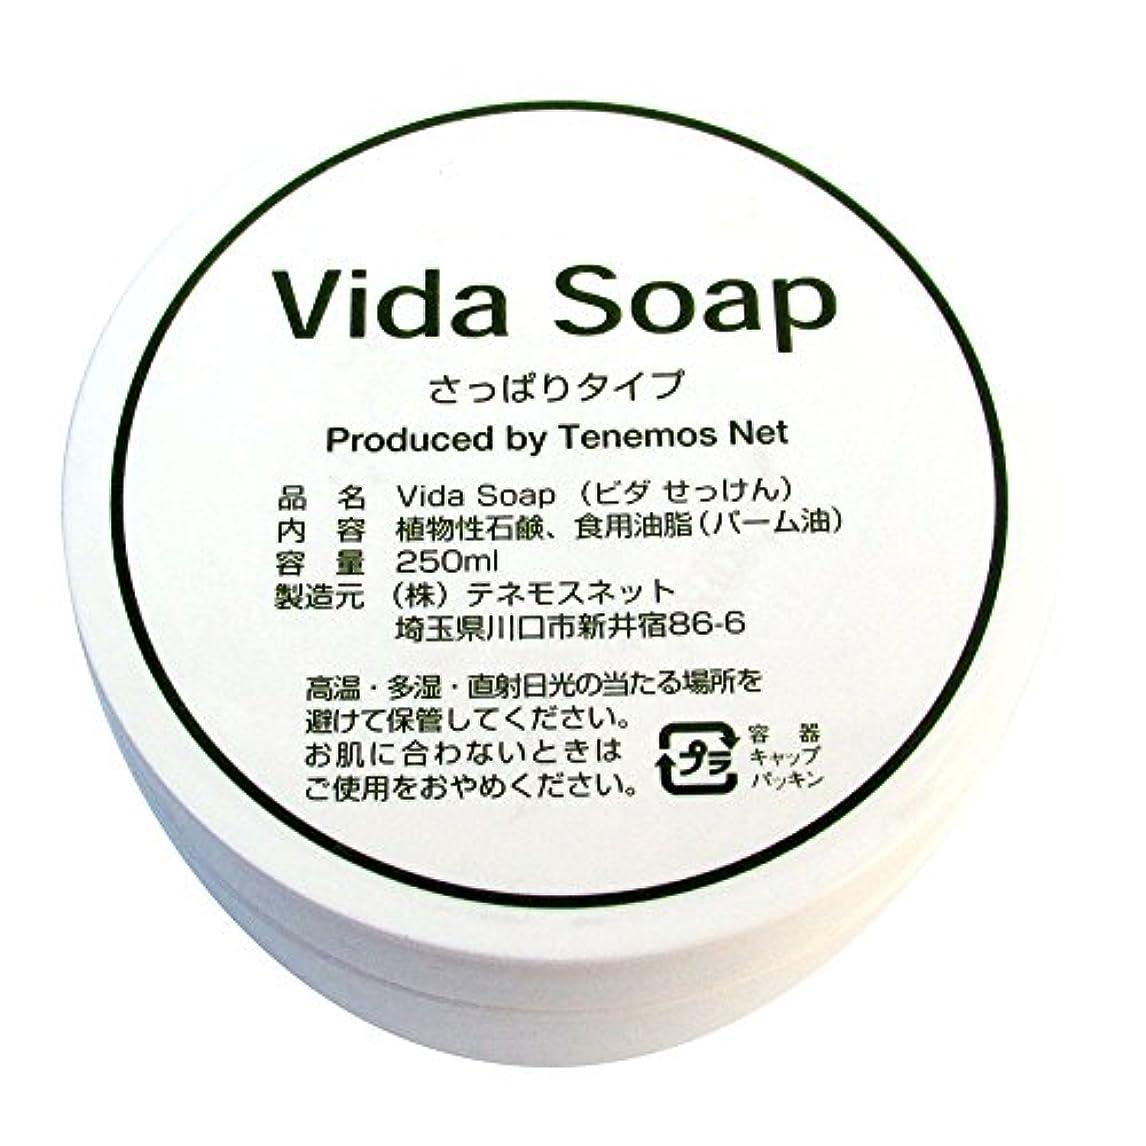 半導体練る意識的テネモス ビダせっけん Vida Soap さっぱりノーマル 植物性 250ml